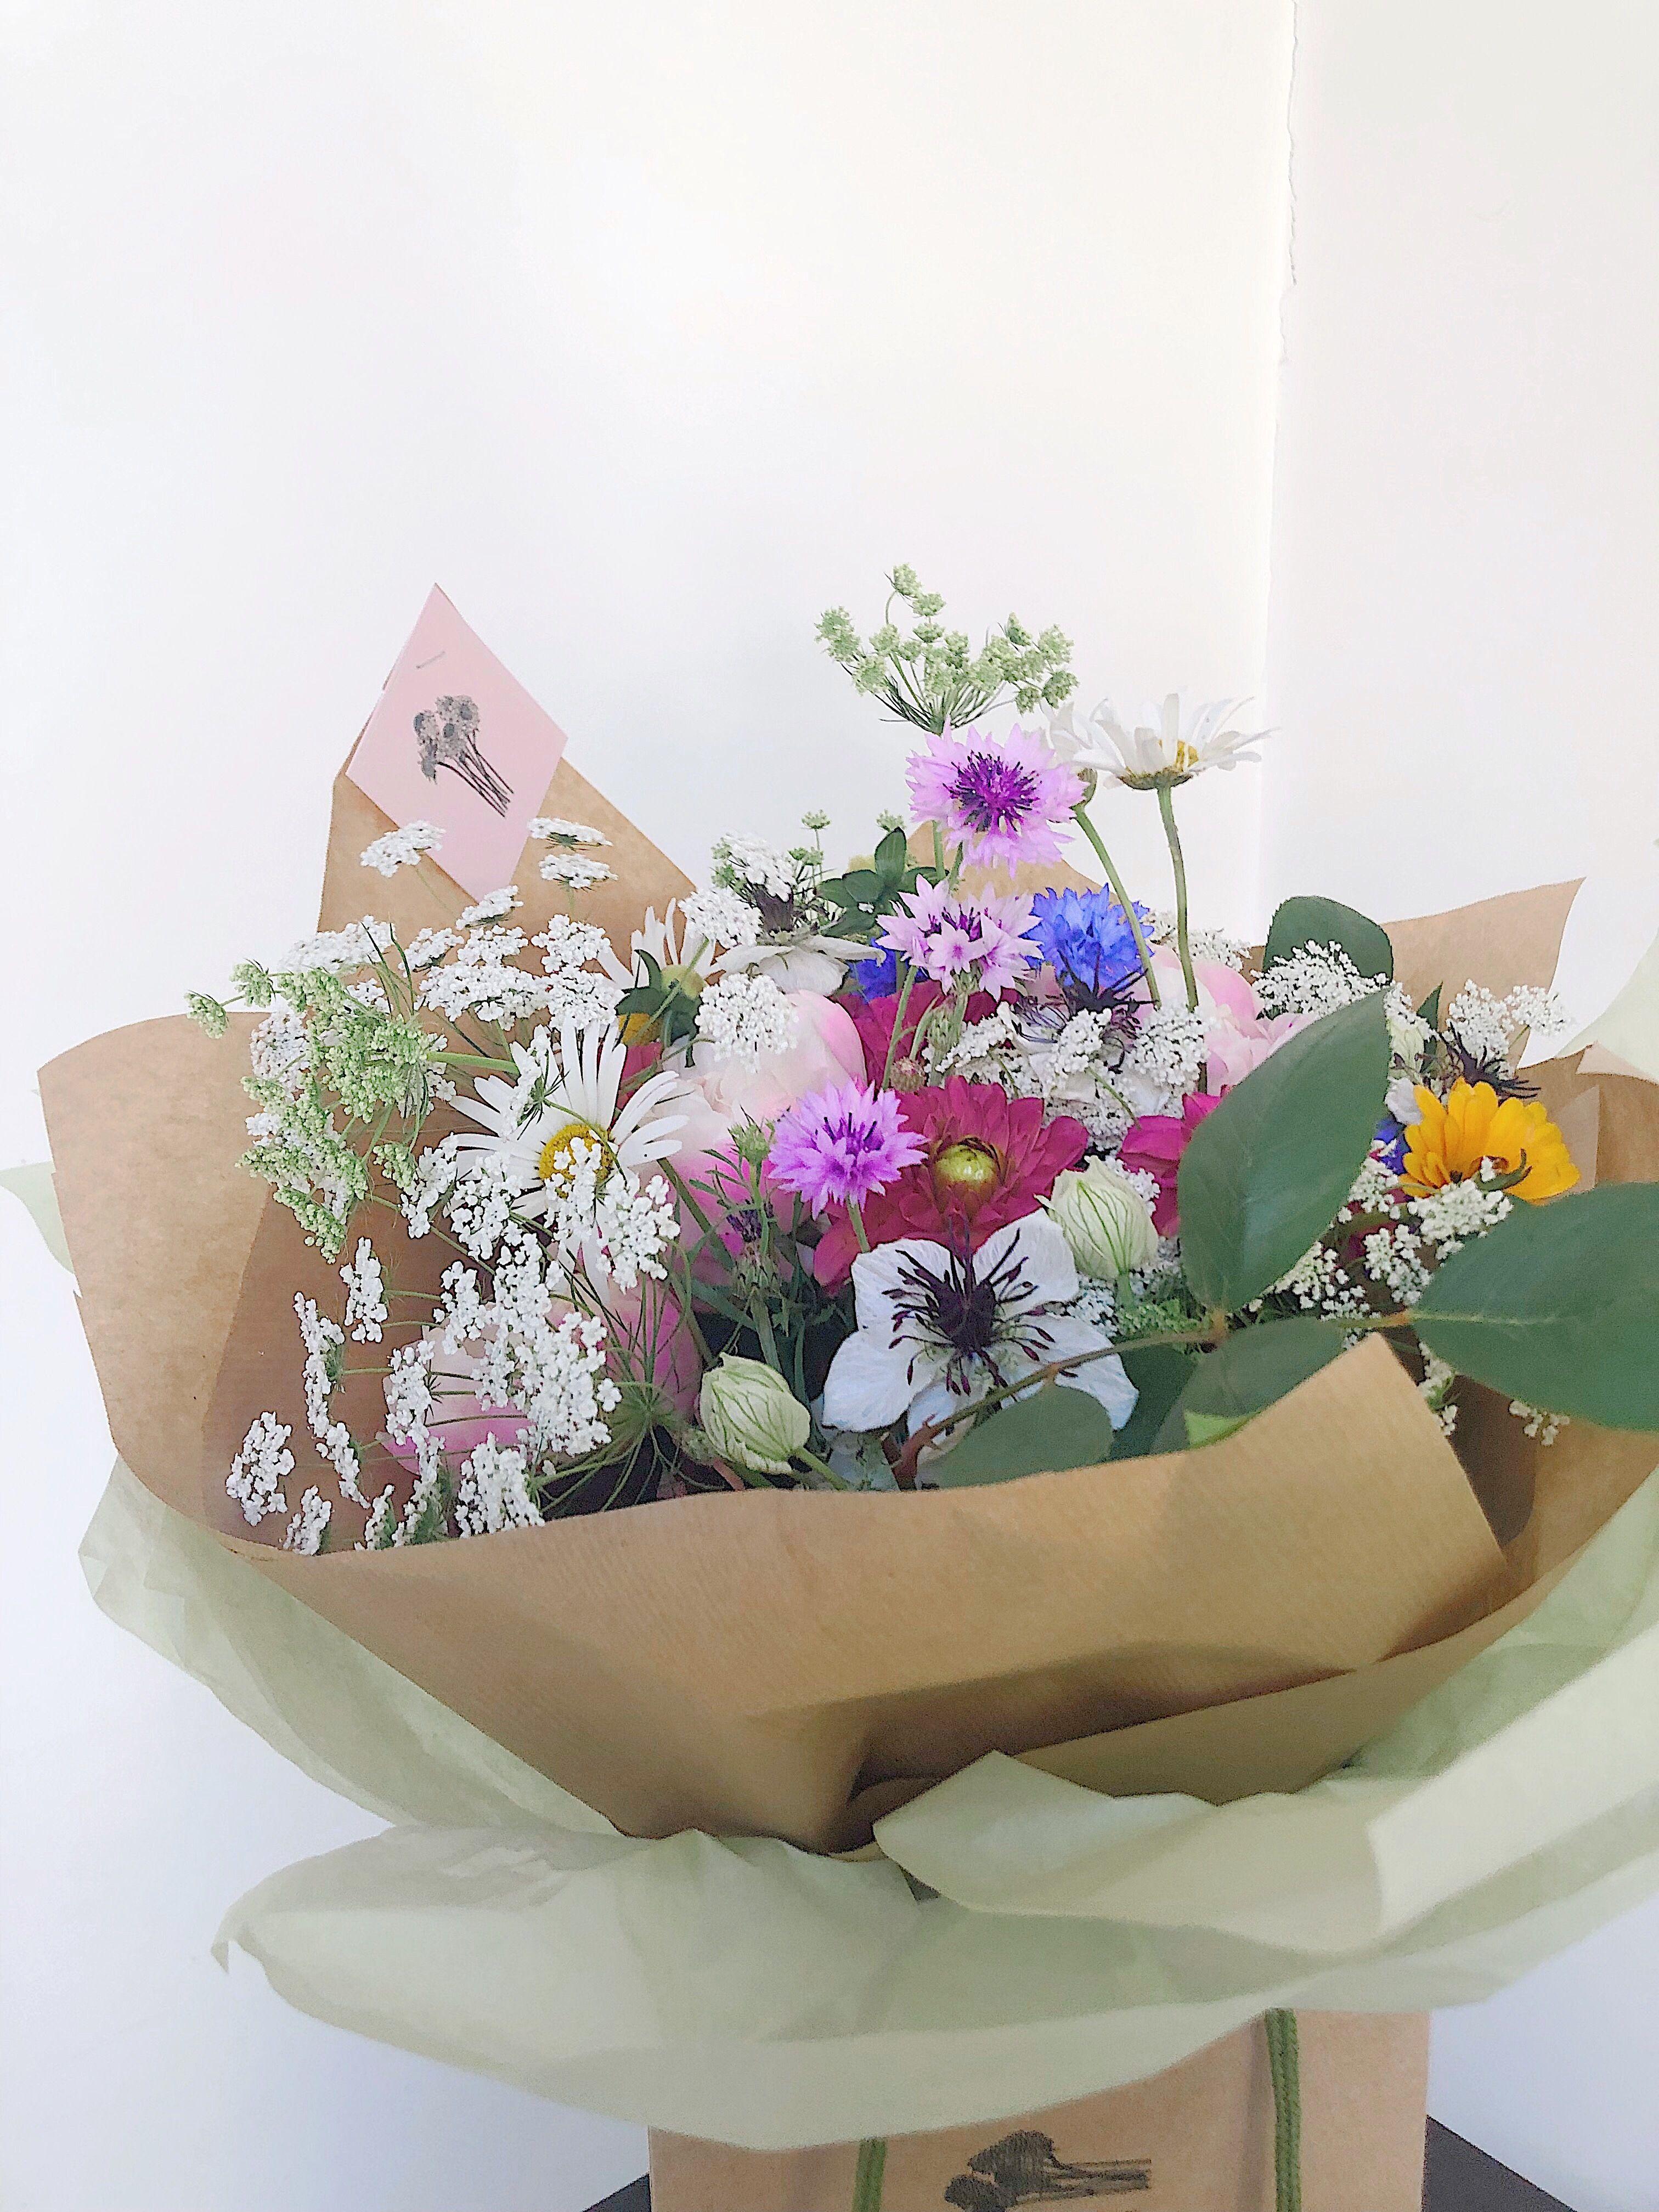 Handtied flower bouquet in 2020 Flowers bouquet, Flower